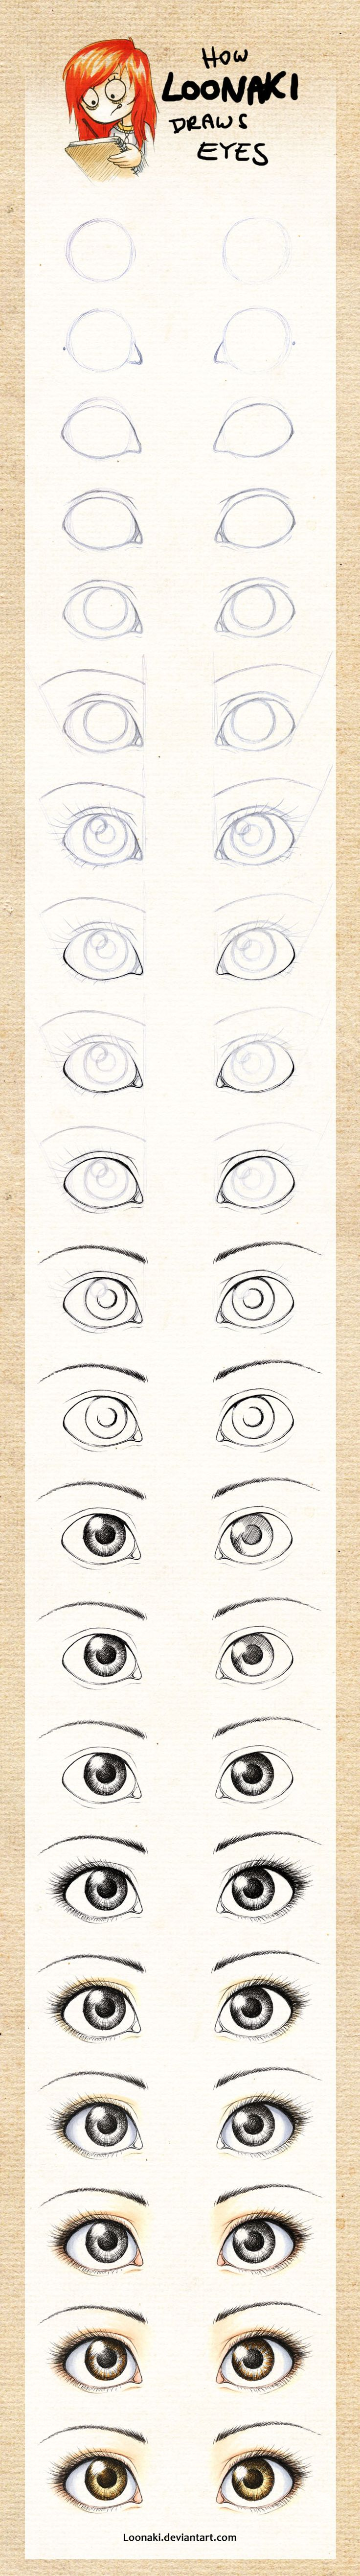 How Loonaki Draws Eyes by Loonaki.deviantart.com on @deviantART